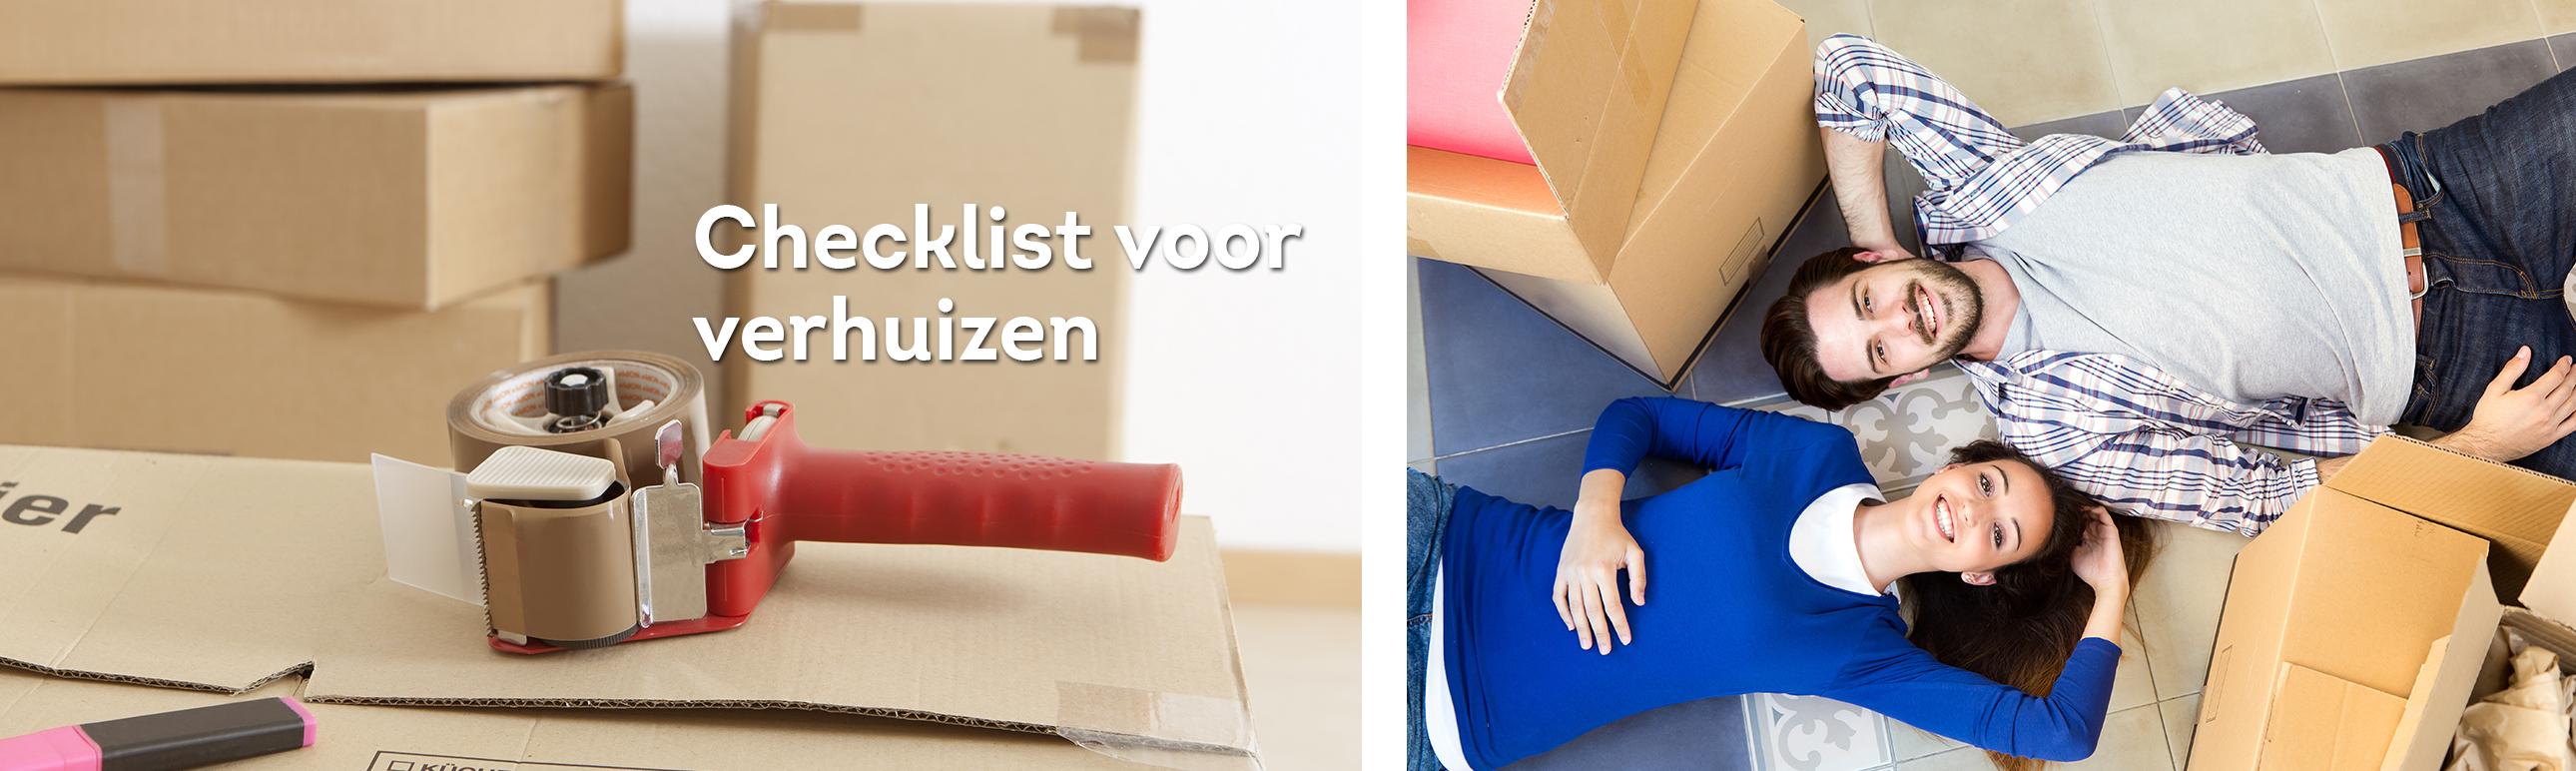 Verbouwen of verhuizen met for Checklist verhuizen